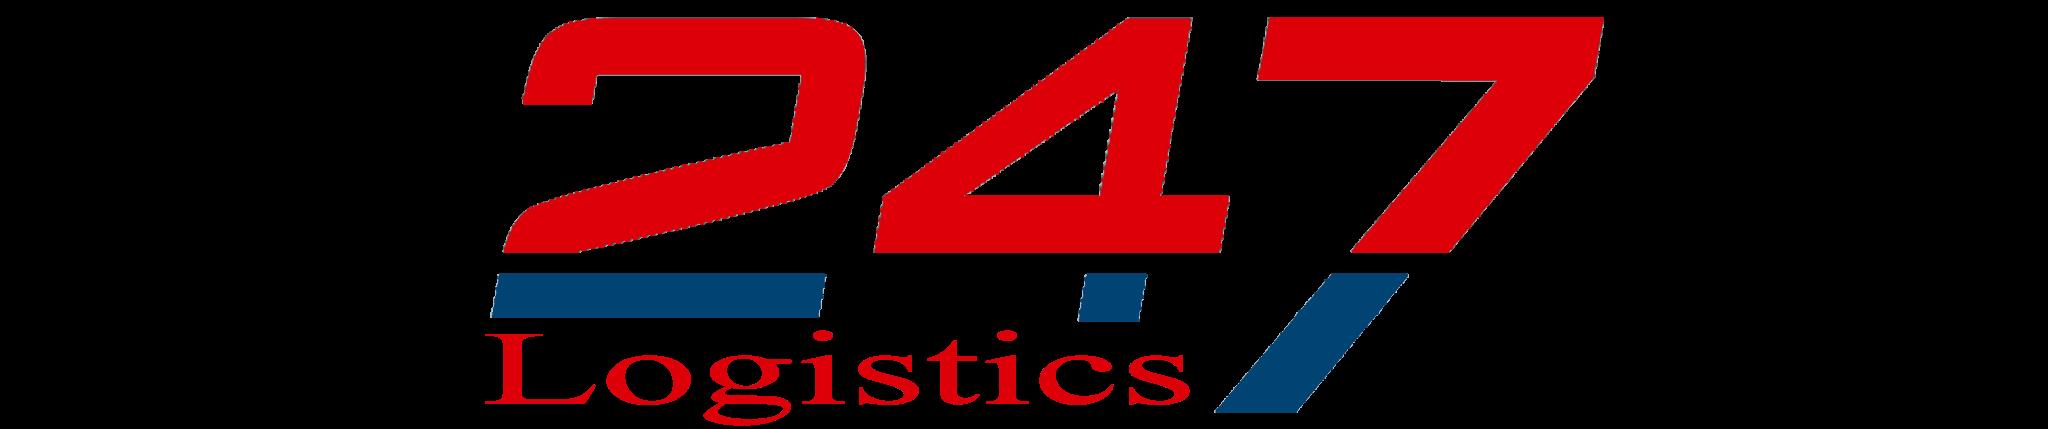 Công ty cổ phần Đầu Tư Quốc Tế  Hai Bốn Bảy